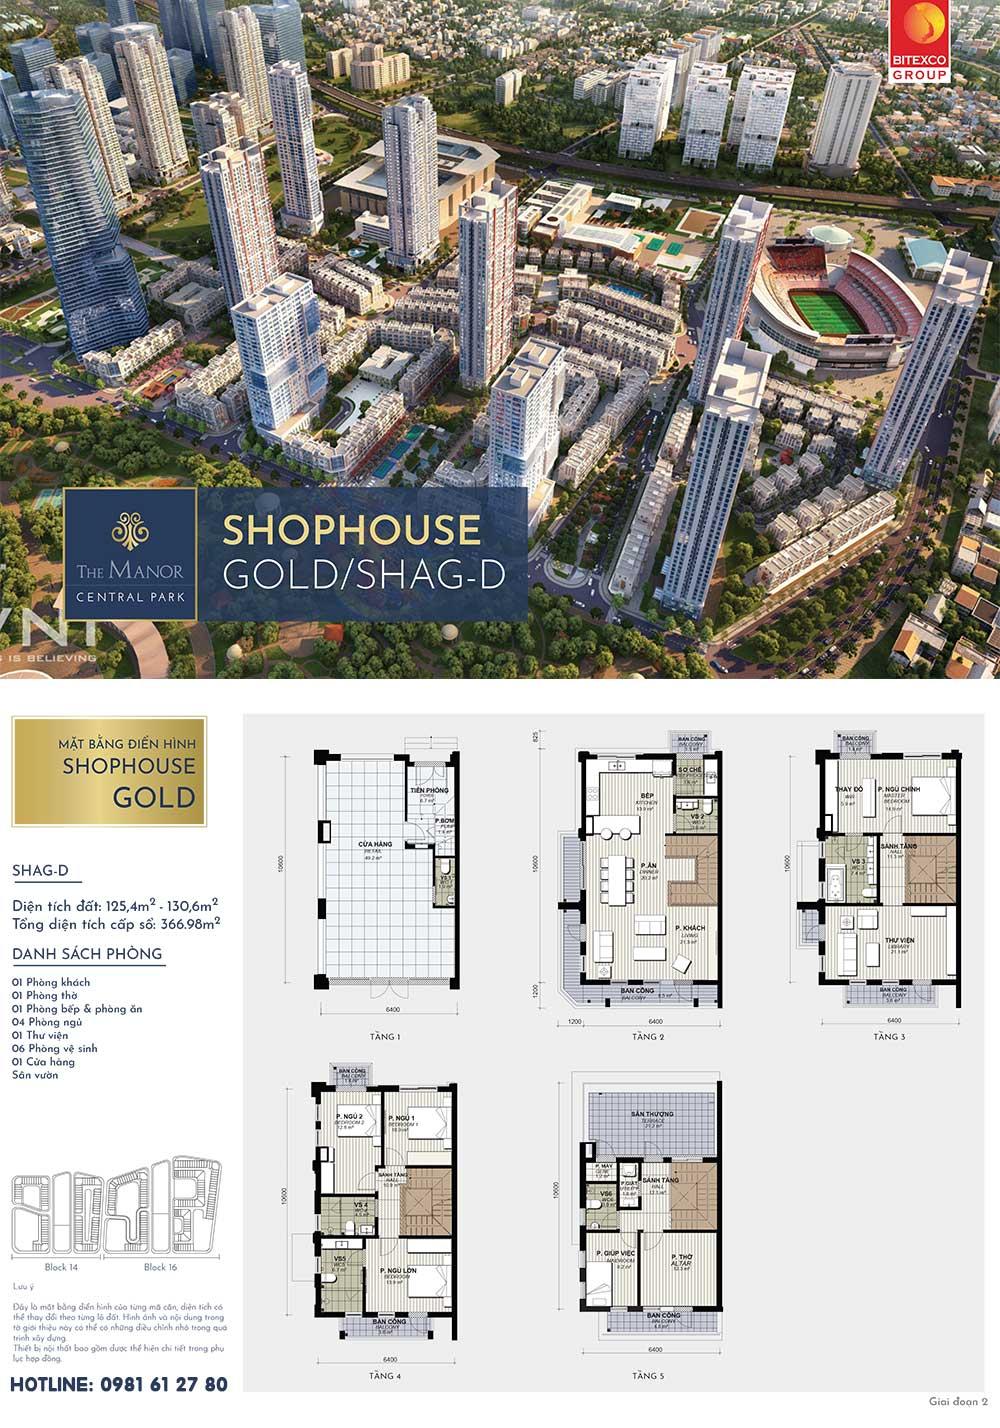 Mặt bằng thiết kế shophouse Vàng The Manor Central Park mẫu SHAG-D